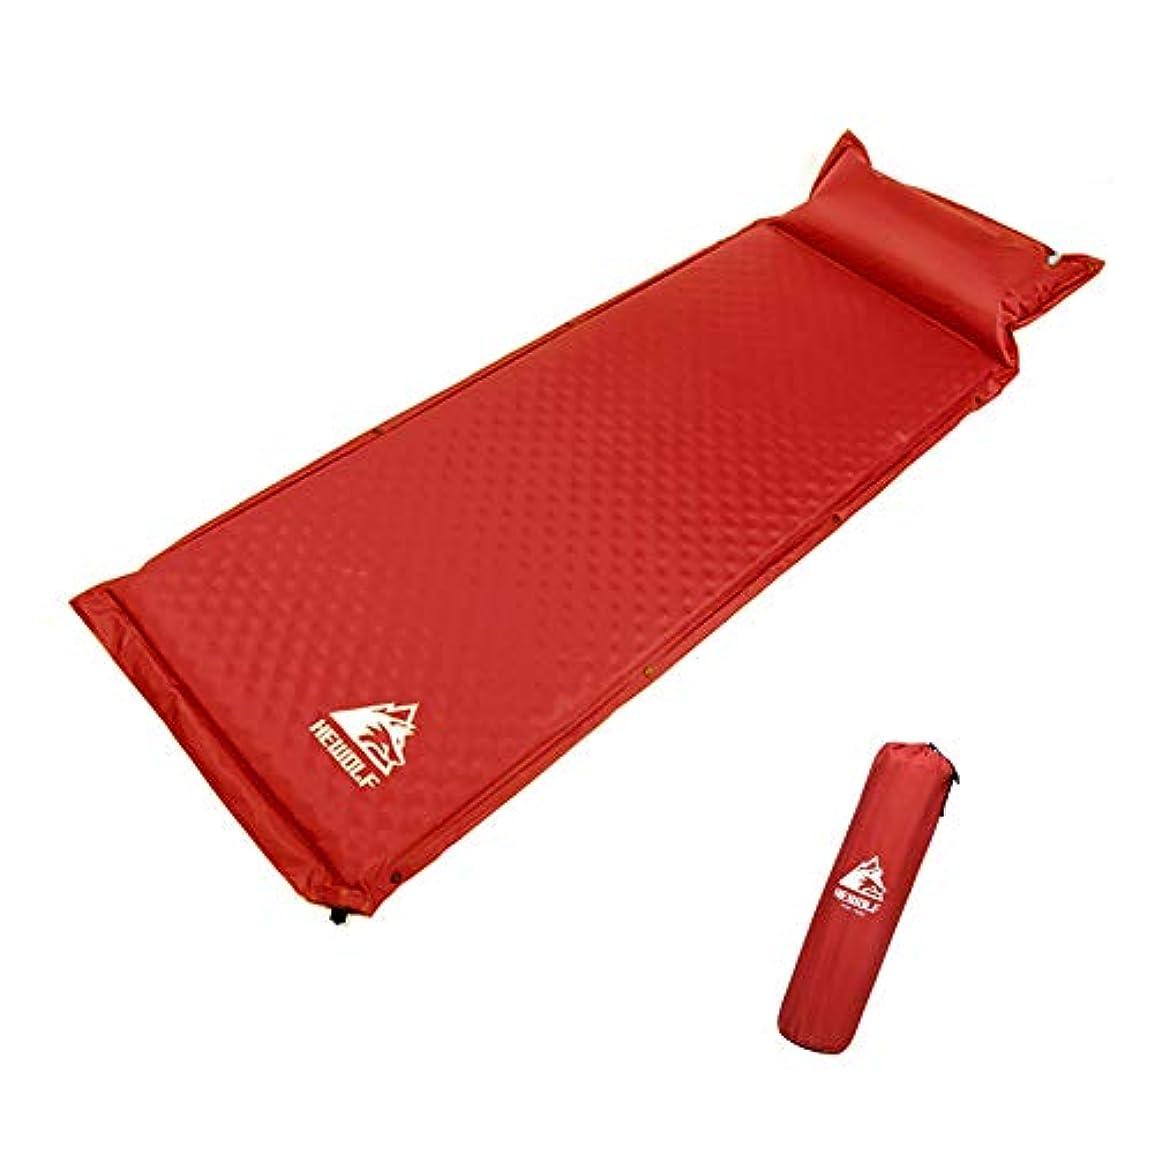 あなたは艶シーフードエアーマット, 超軽量型 キャンピングマット 枕付き 自動インフレータブルパッド 折りたたみシングルベッドポータブルエアパッド 防災用品 山登り テント泊